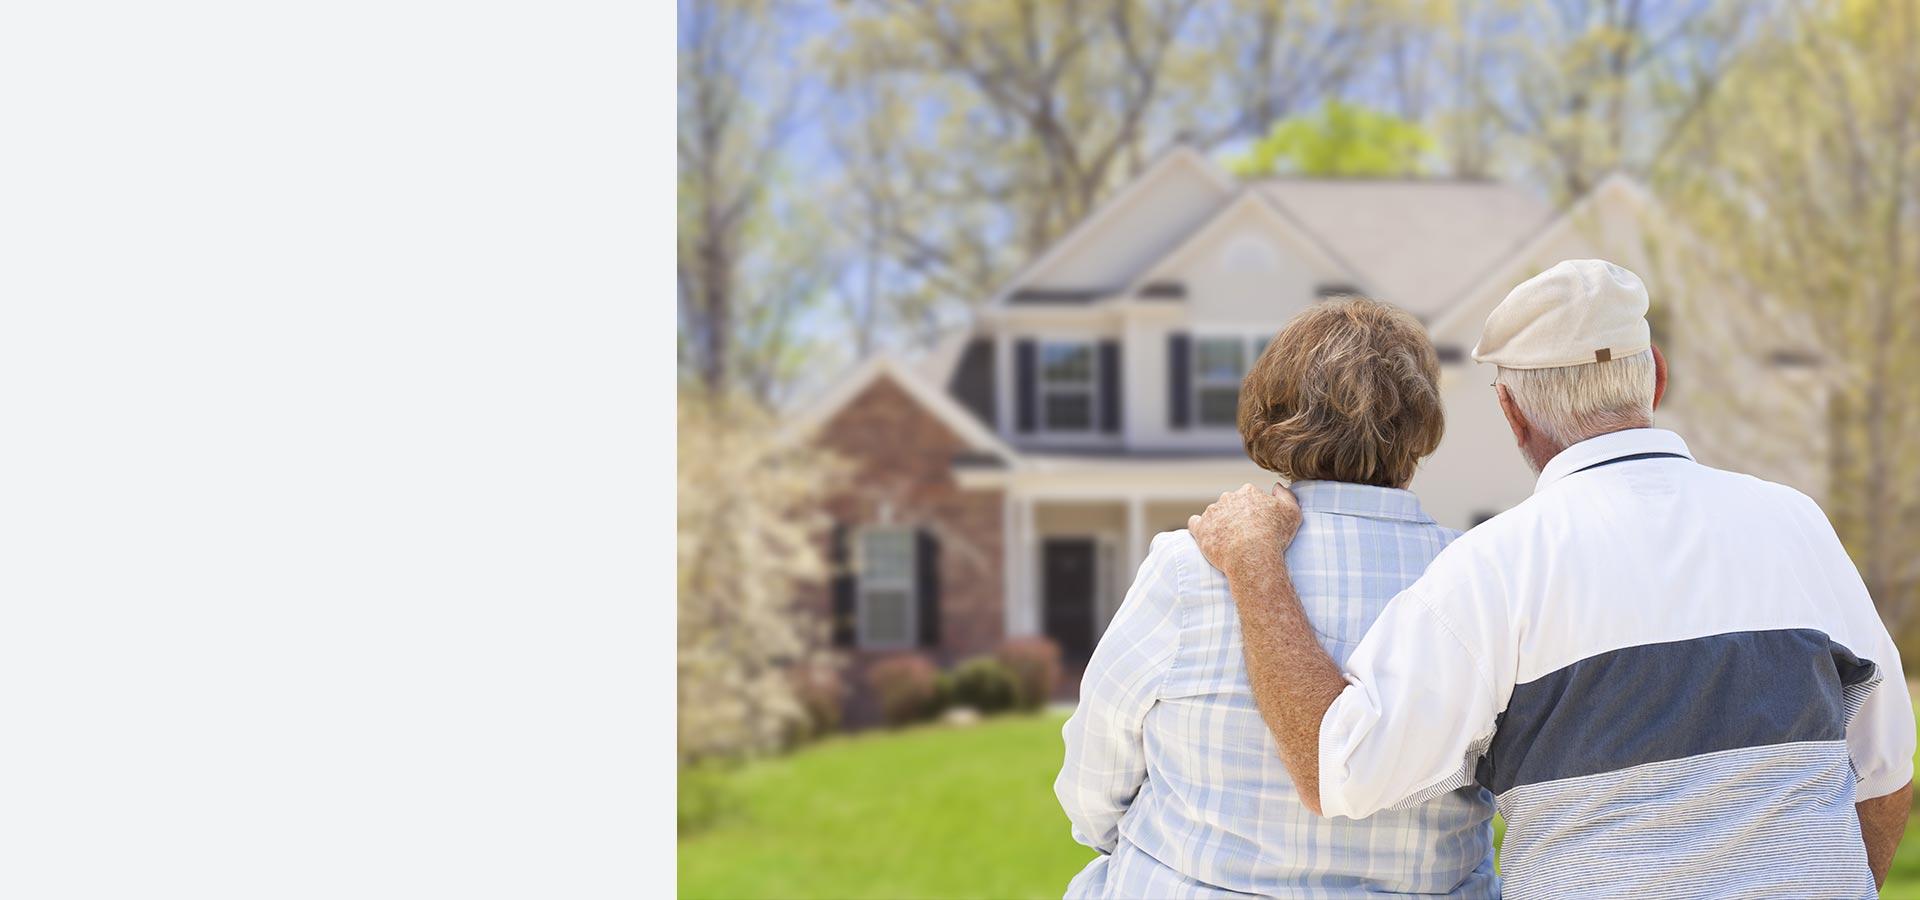 Kredit im hohen Alter aufnehmen